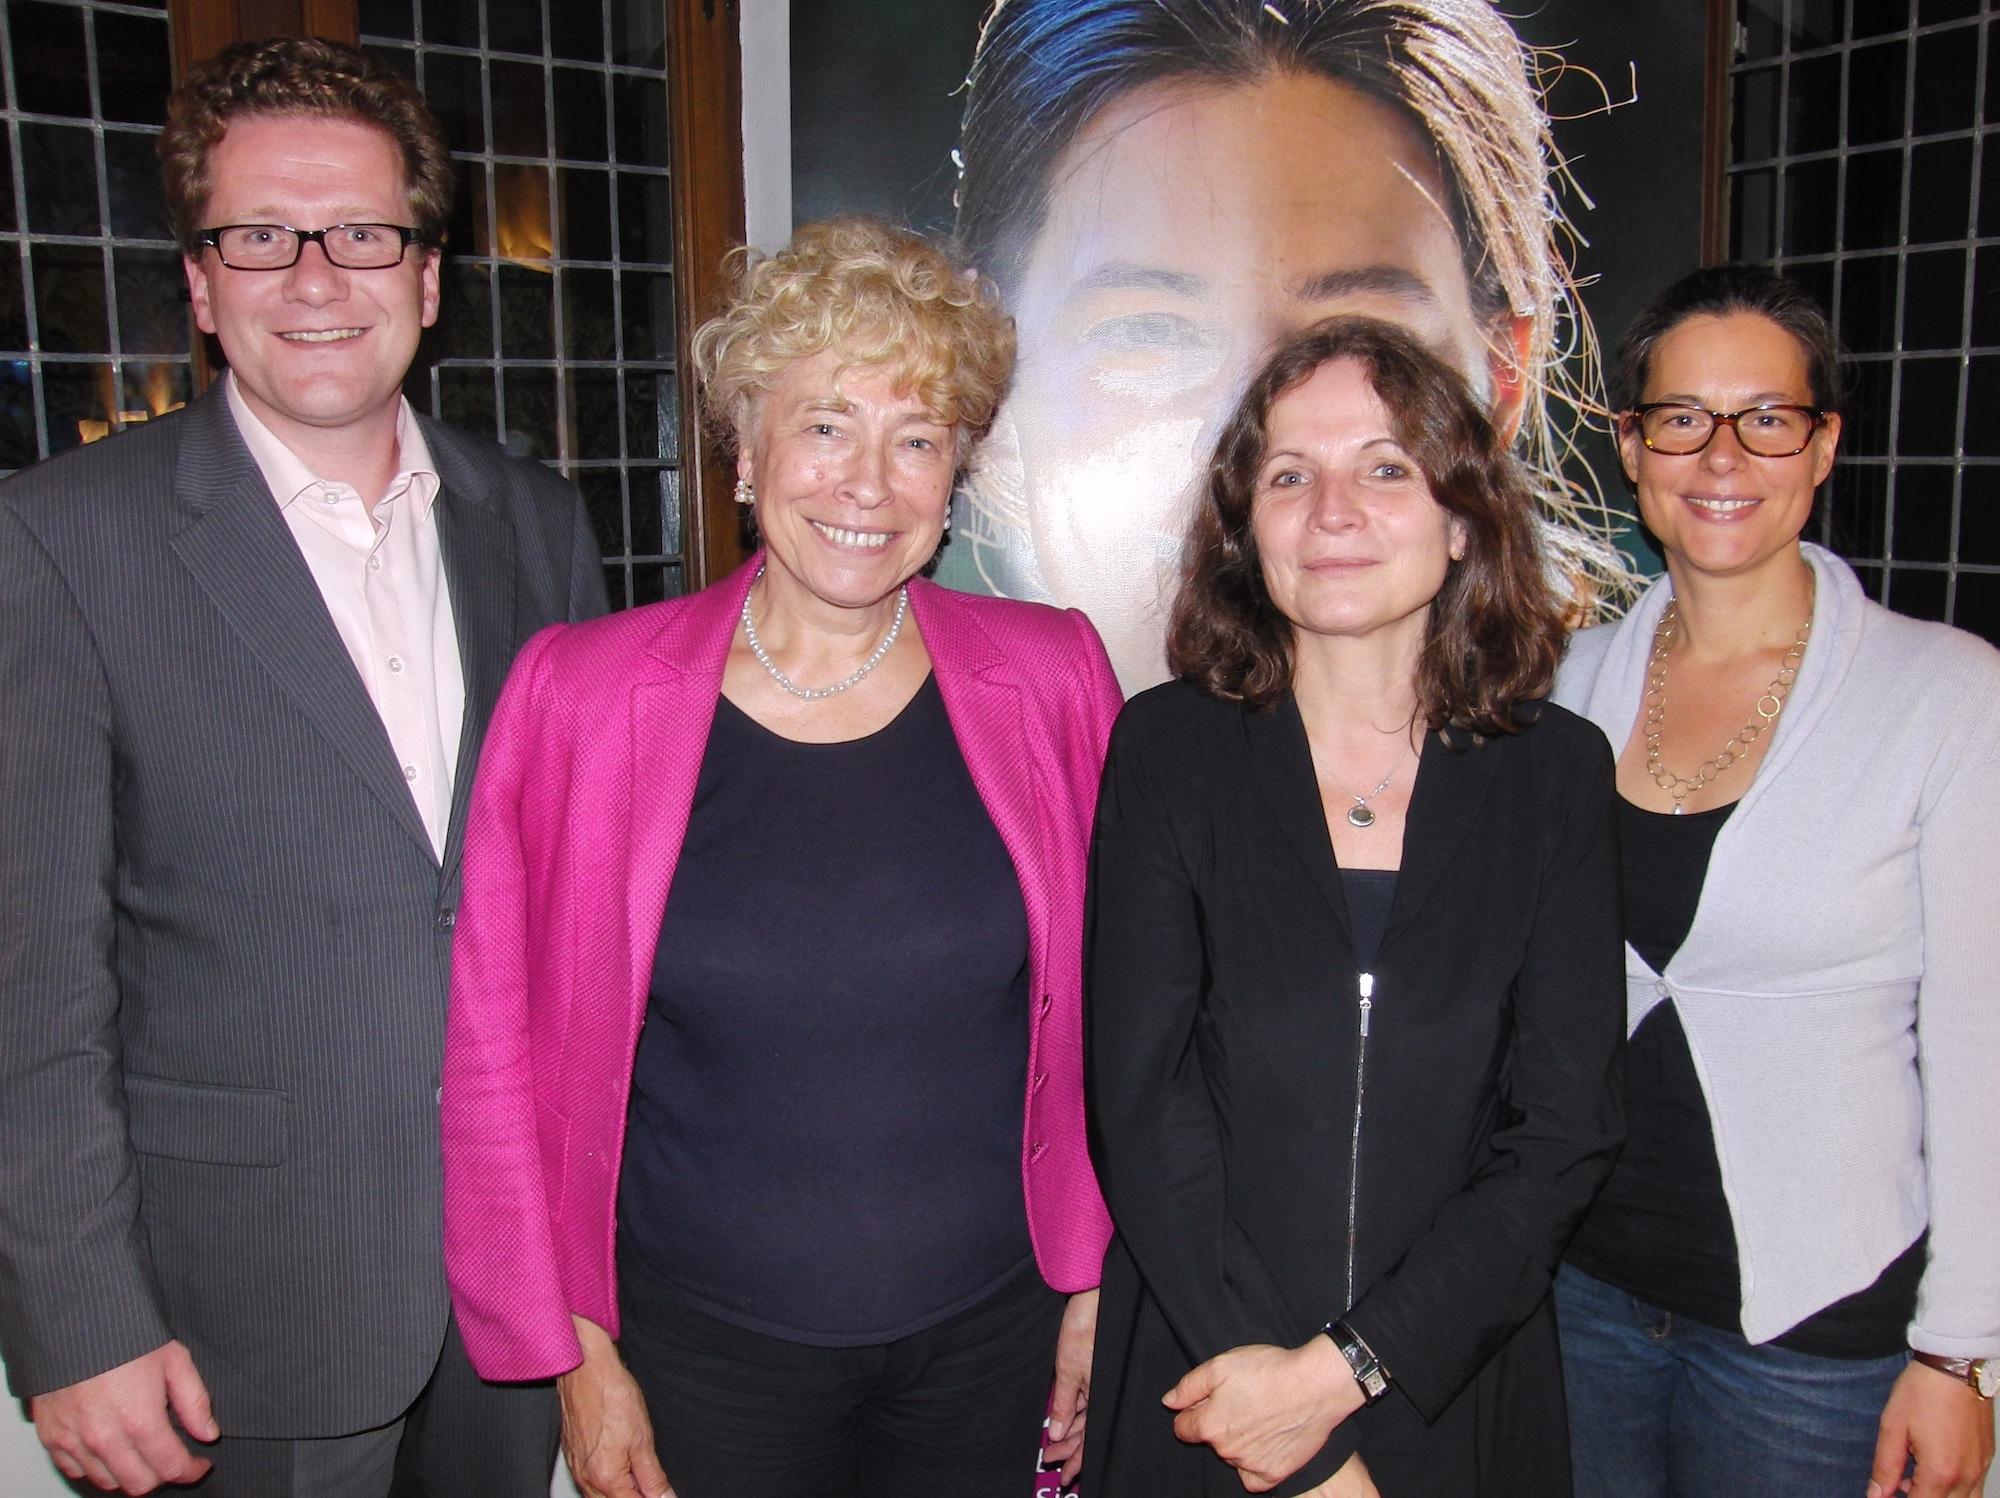 v.l.n.r.: Martin Habersaat, Gesine Schwan, Wara Wende, Nina Scheer